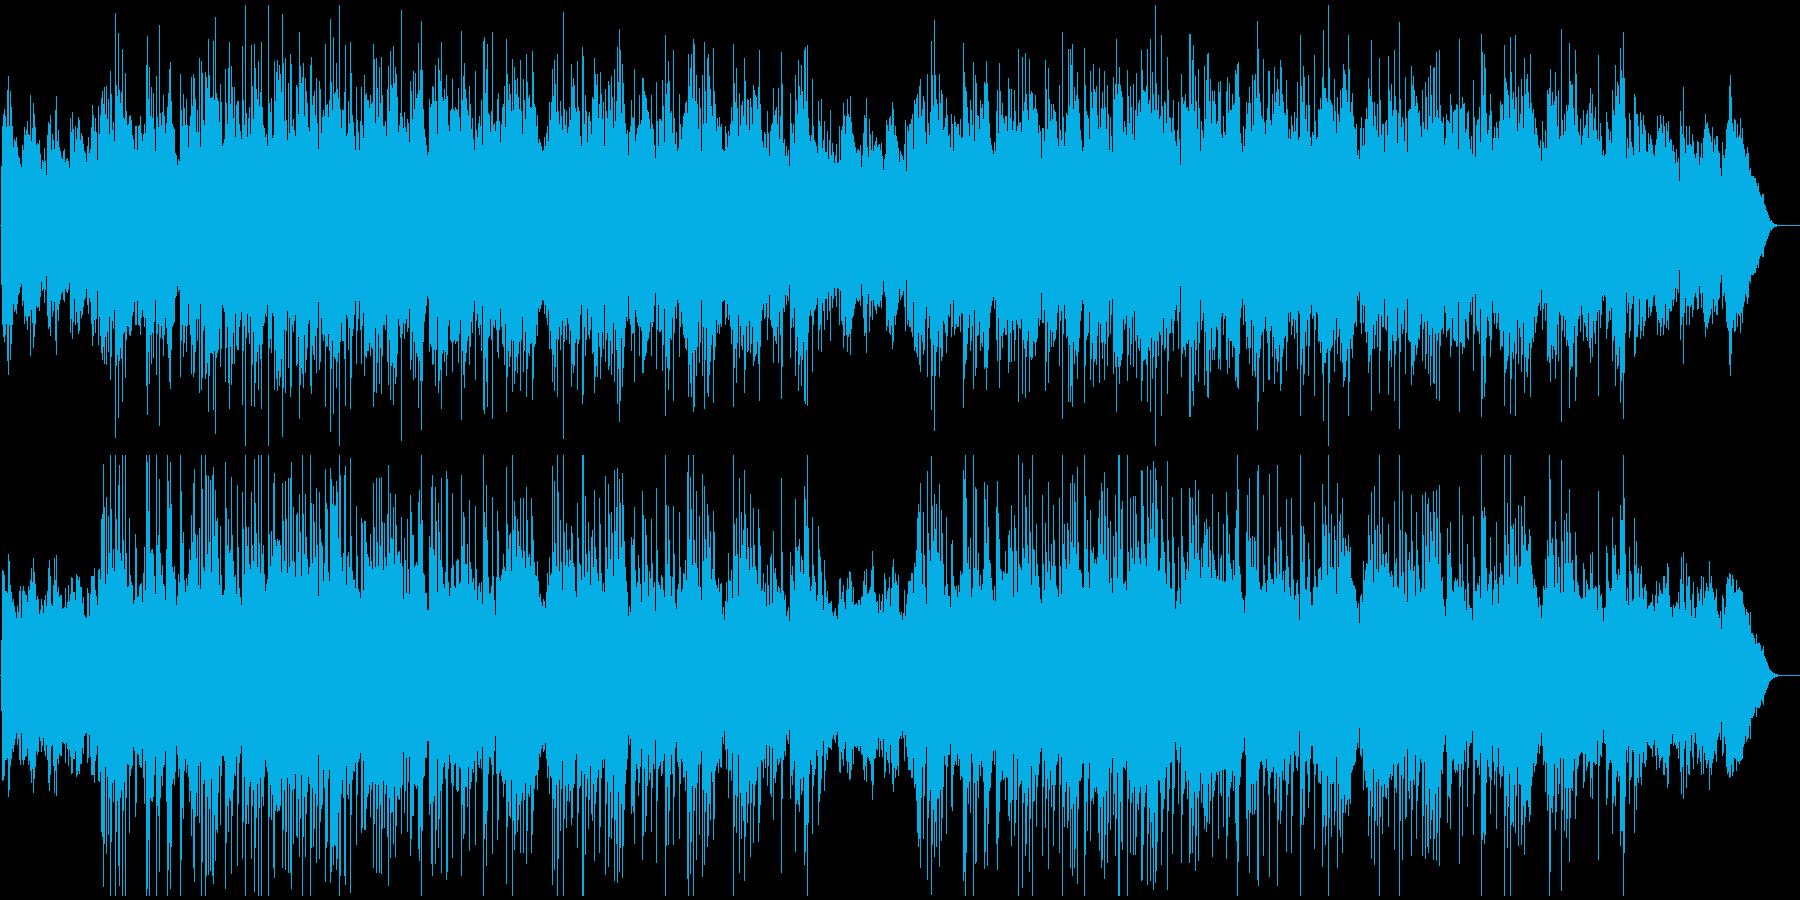 爽やかでかわいらしい雰囲気のBGMの再生済みの波形